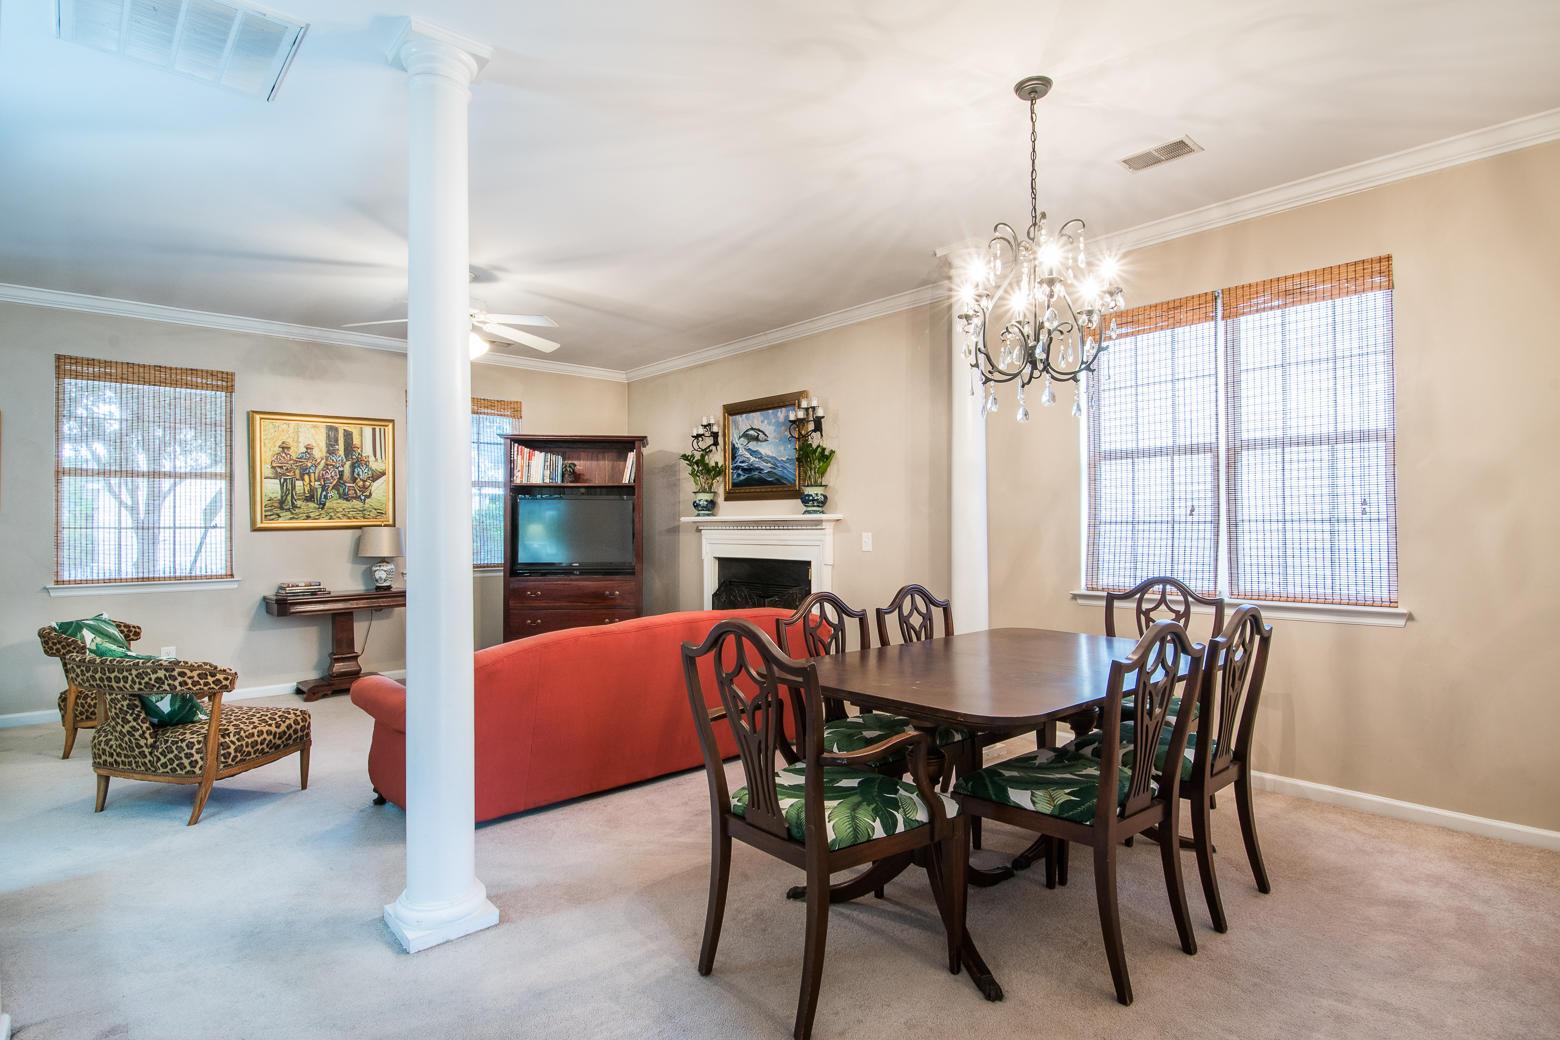 Jamestowne Village Homes For Sale - 1445 Swamp Fox, Charleston, SC - 9